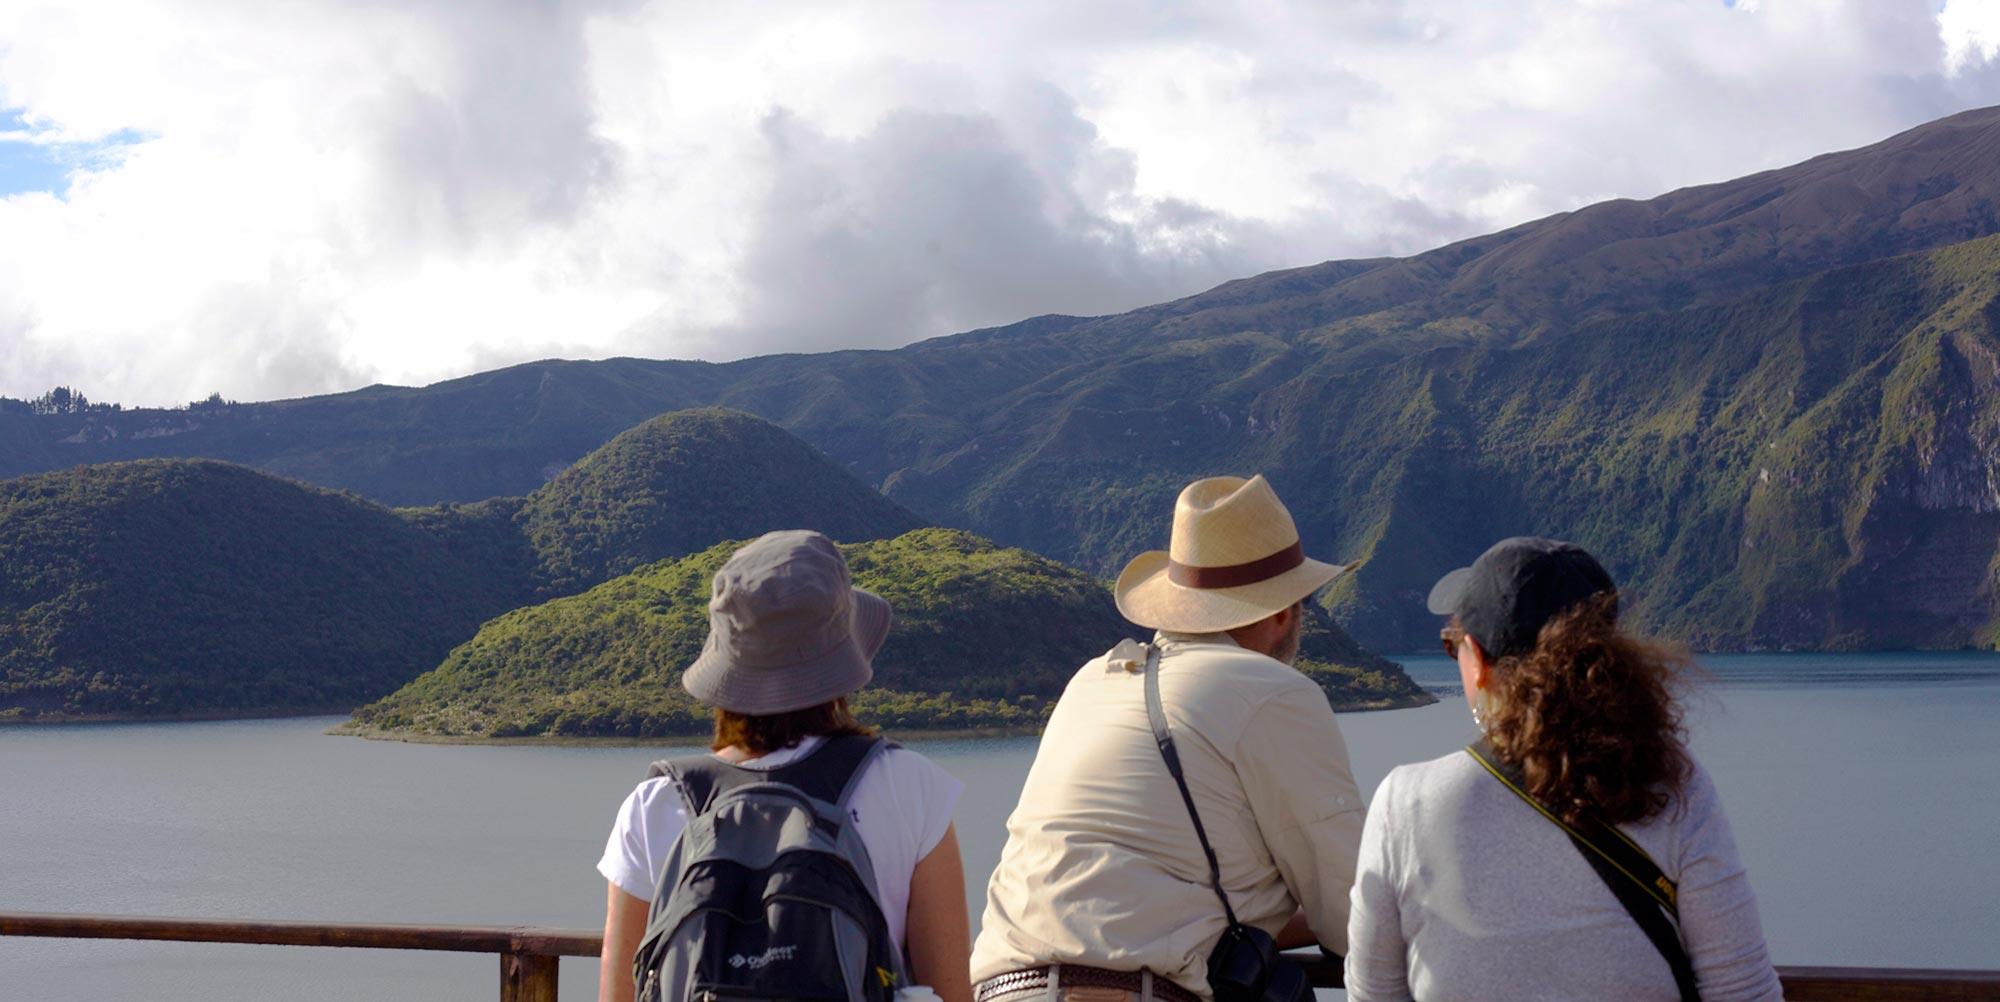 Travelers in Ecuador